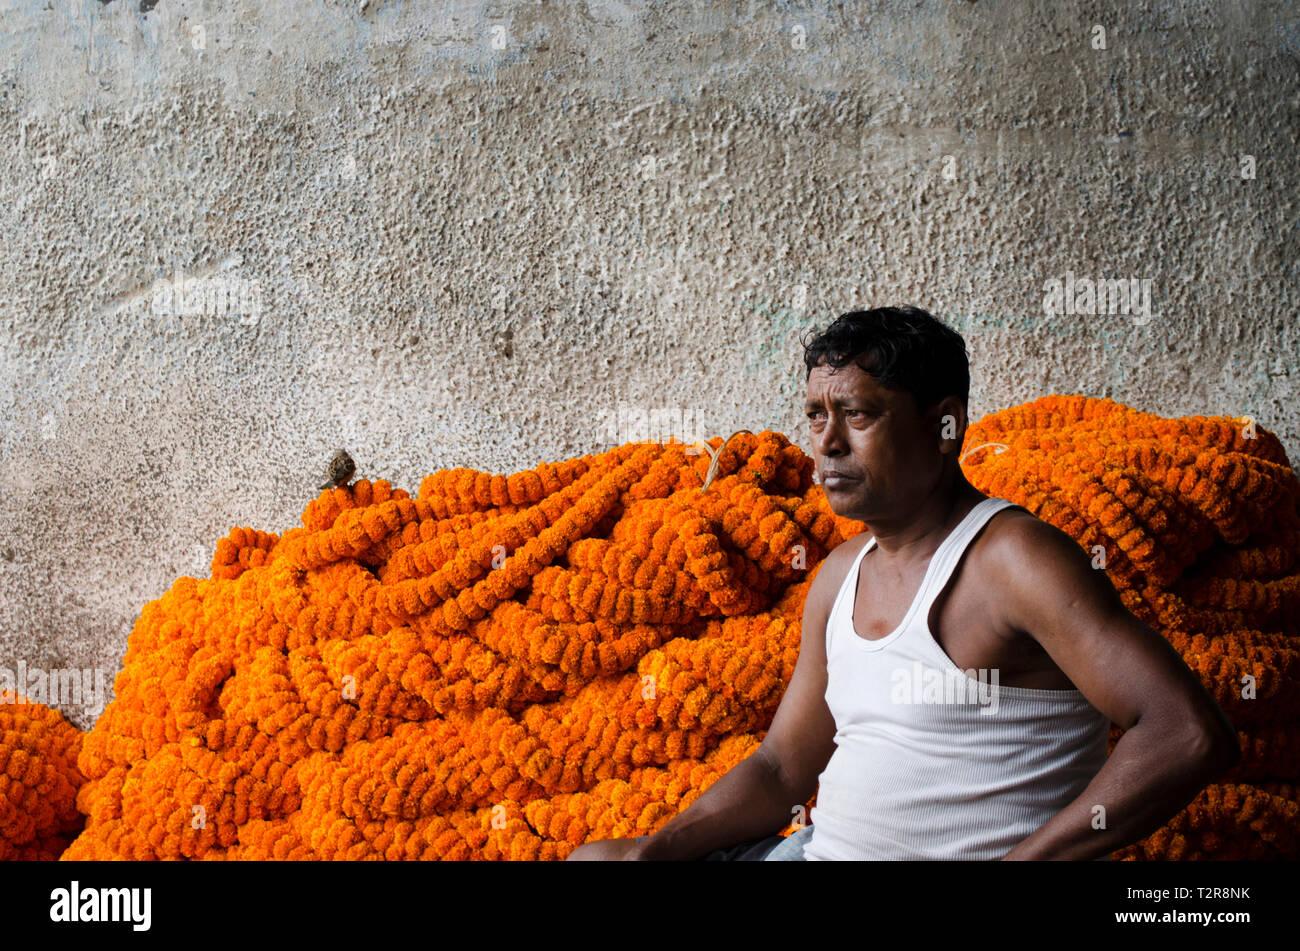 Indian flower seller in Kolkata, India - Stock Image